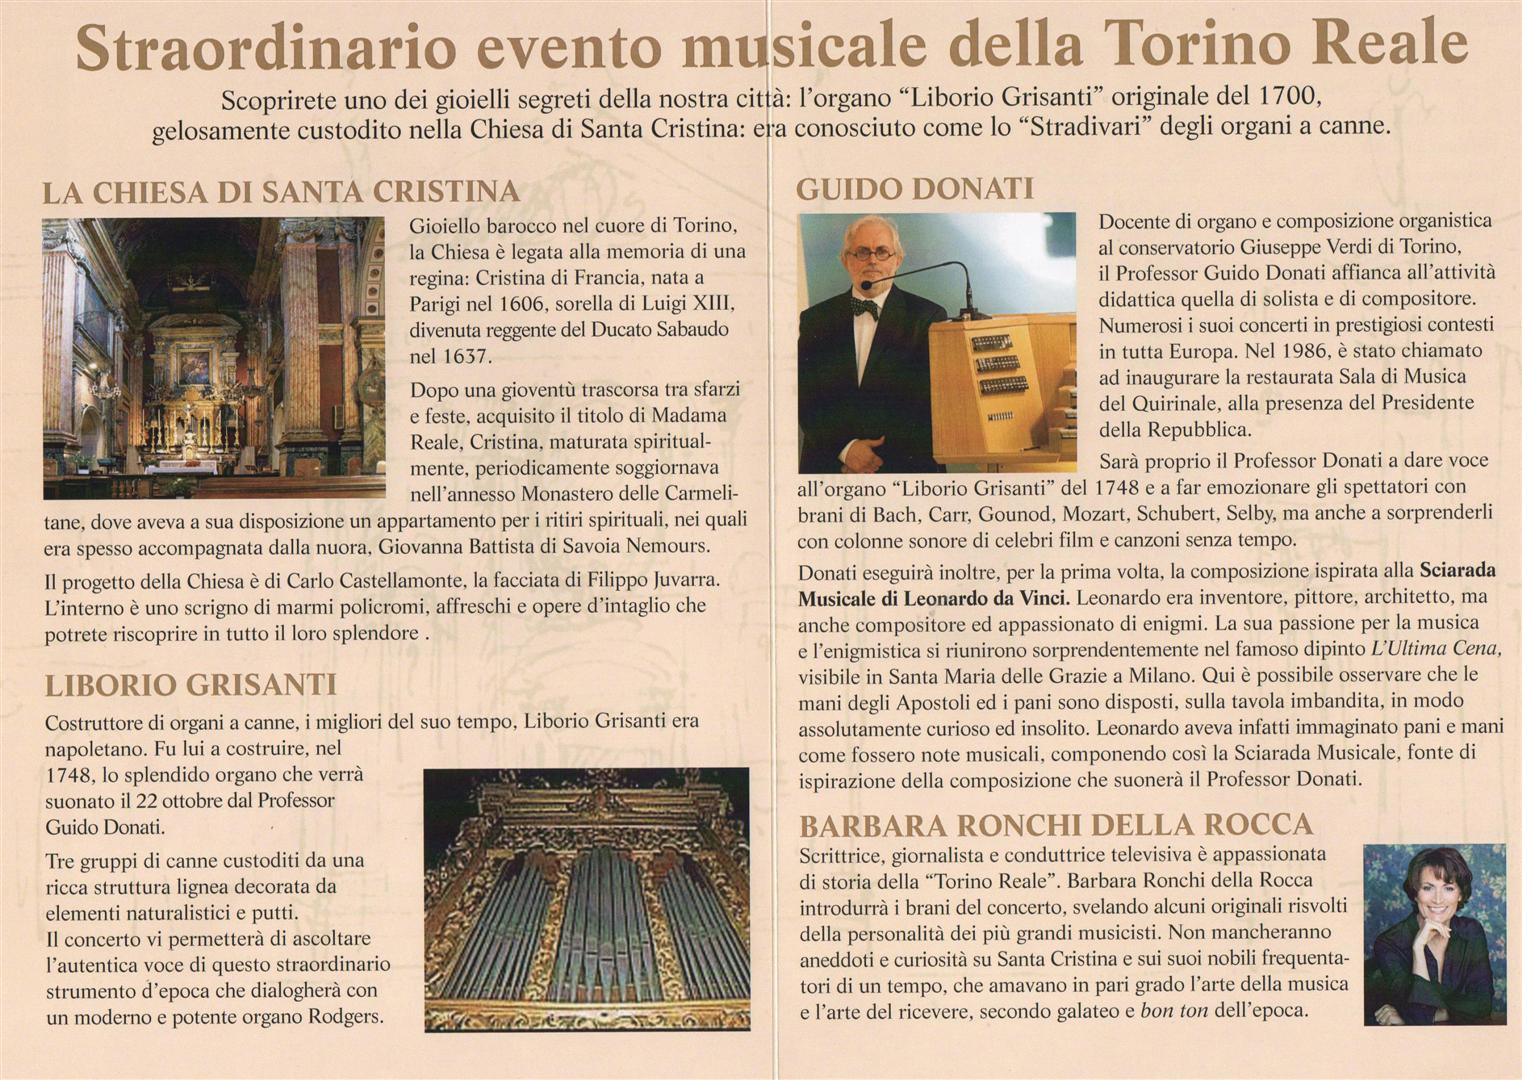 Concerto 22 ottobre 2014